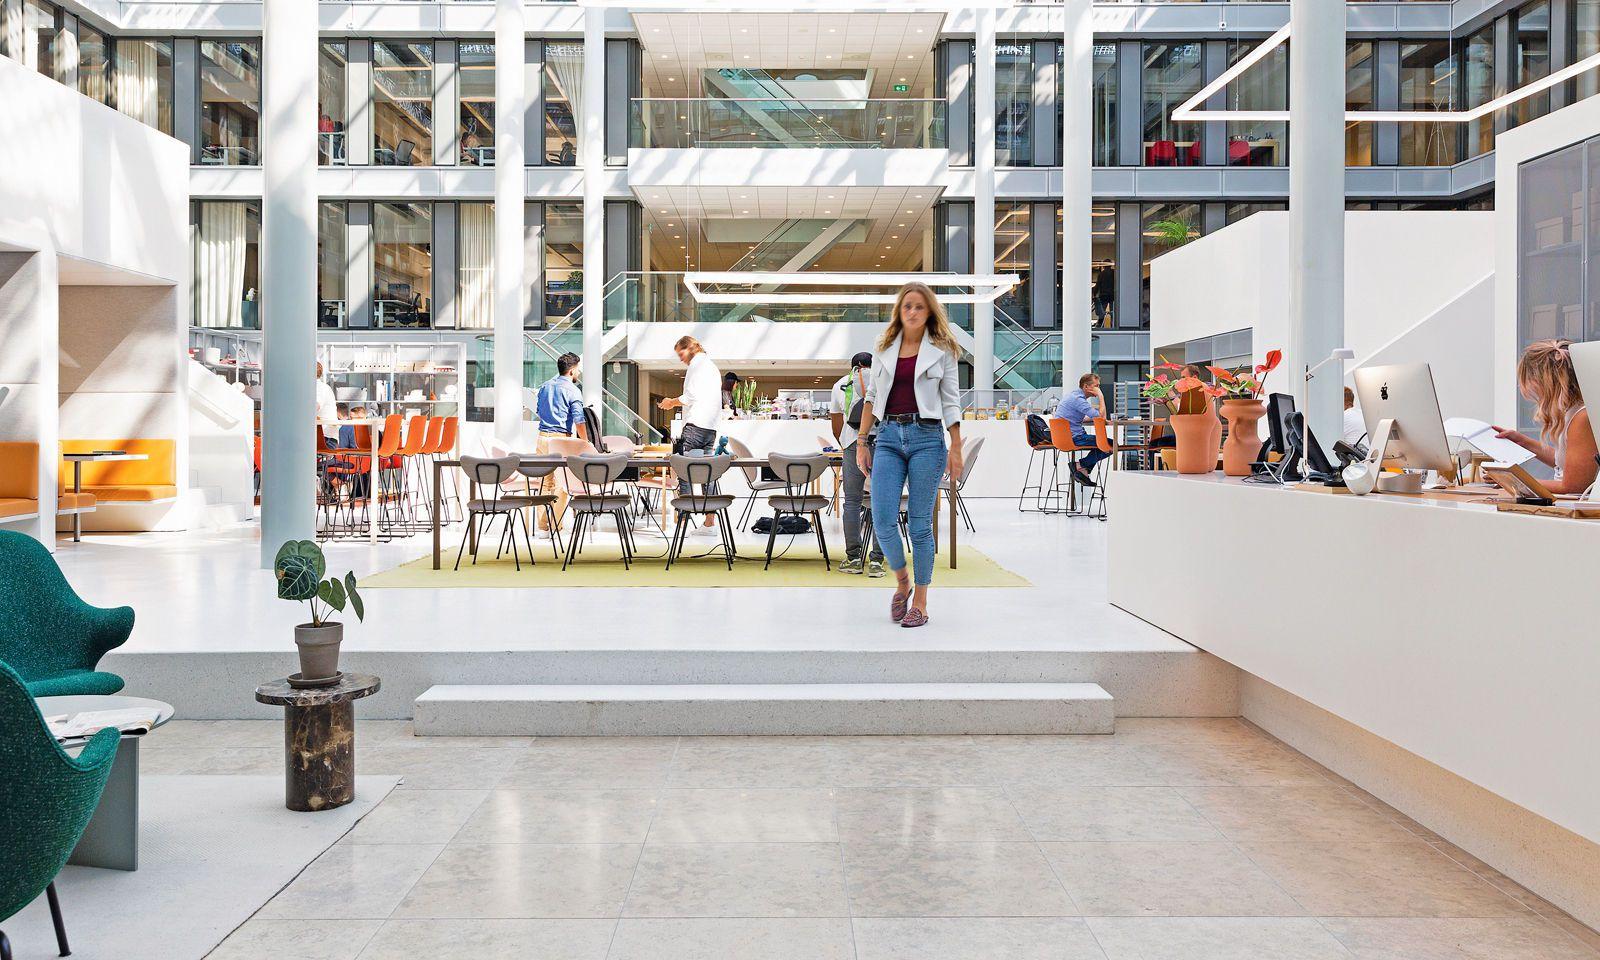 Clean, smart, weltoffen: Das Spaces in Amsterdam zeigt sich als klar strukturierter Treffpunkt.